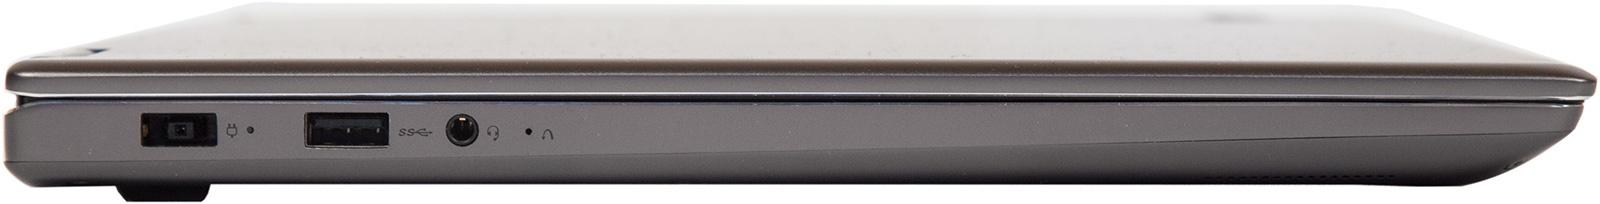 Универсальный Йог. Обзор ноутбука-трансформера Lenovo Yoga 720 - 5